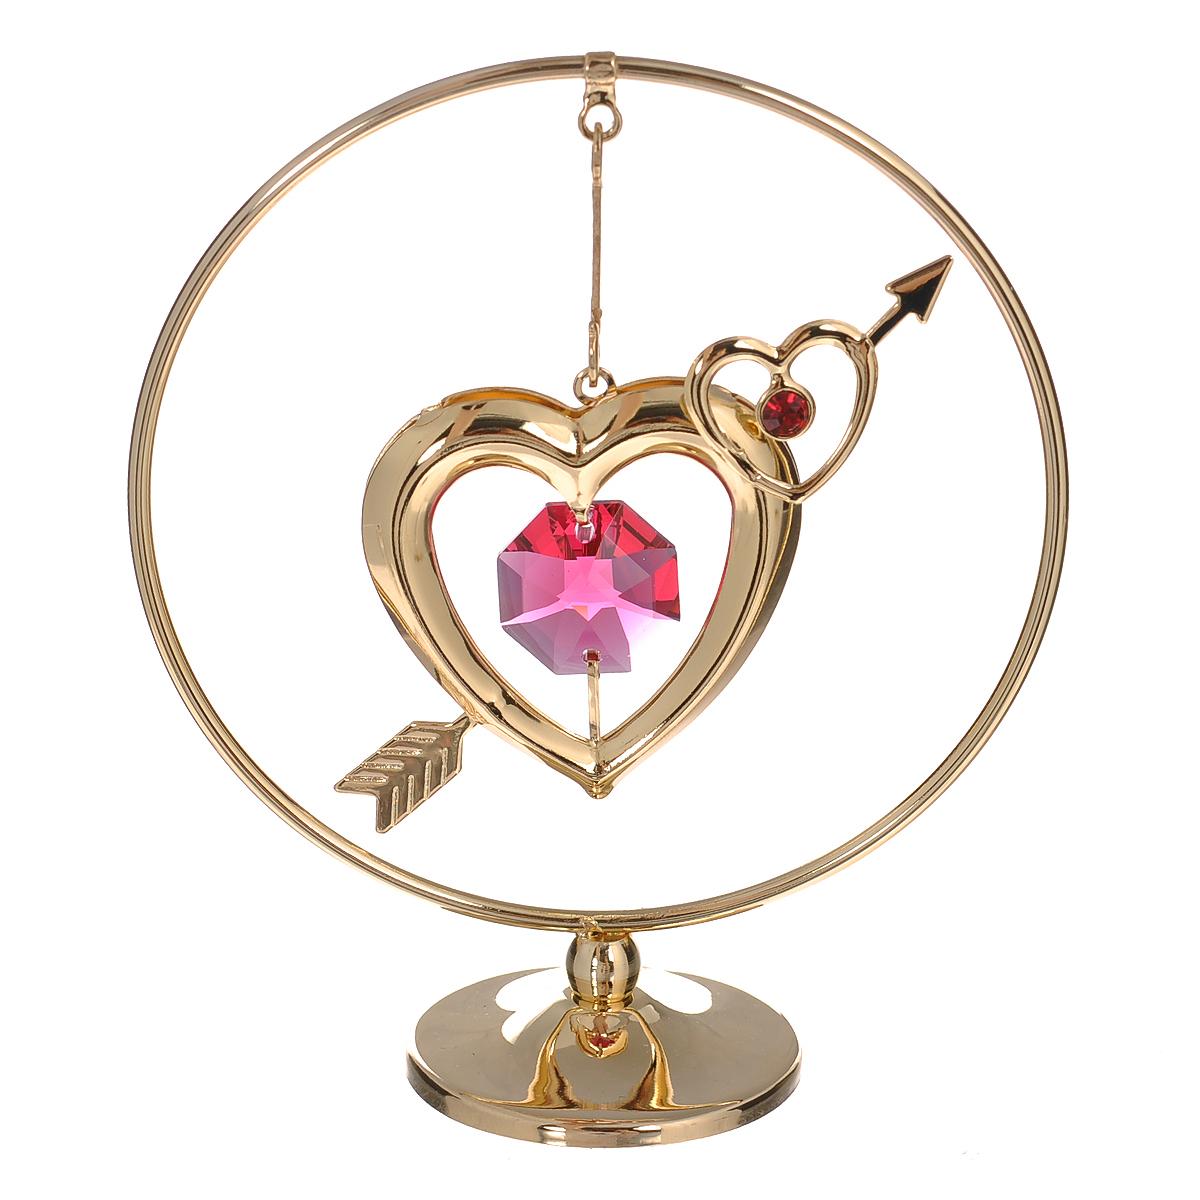 Фигурка декоративная Сердце на подвеске, цвет: золотистый. 6759667596Декоративная фигурка Сердце выполнена из углеродистой стали, покрытой золотом толщиной 0,05 микрон. Фигурка представляет собой круглый обруч с подвеской в виде сердечка. Фигурка украшена крупным граненым кристаллом Swarovski розового цвета. Поставьте фигурку на стол в офисе или дома и наслаждайтесь изящными формами и блеском кристаллов. Изысканный и эффектный, этот сувенир покорит своей красотой и изумительным качеством исполнения, а также станет замечательным подарком. Характеристики: Материал: углеродистая сталь, кристаллы Swarovski. Размер фигурки (ДхШхВ): 7 см х 3 см х 8 см. Цвет: золотистый. Размер упаковки: 7,5 см х 5 см х 10 см. Артикул: 67596.